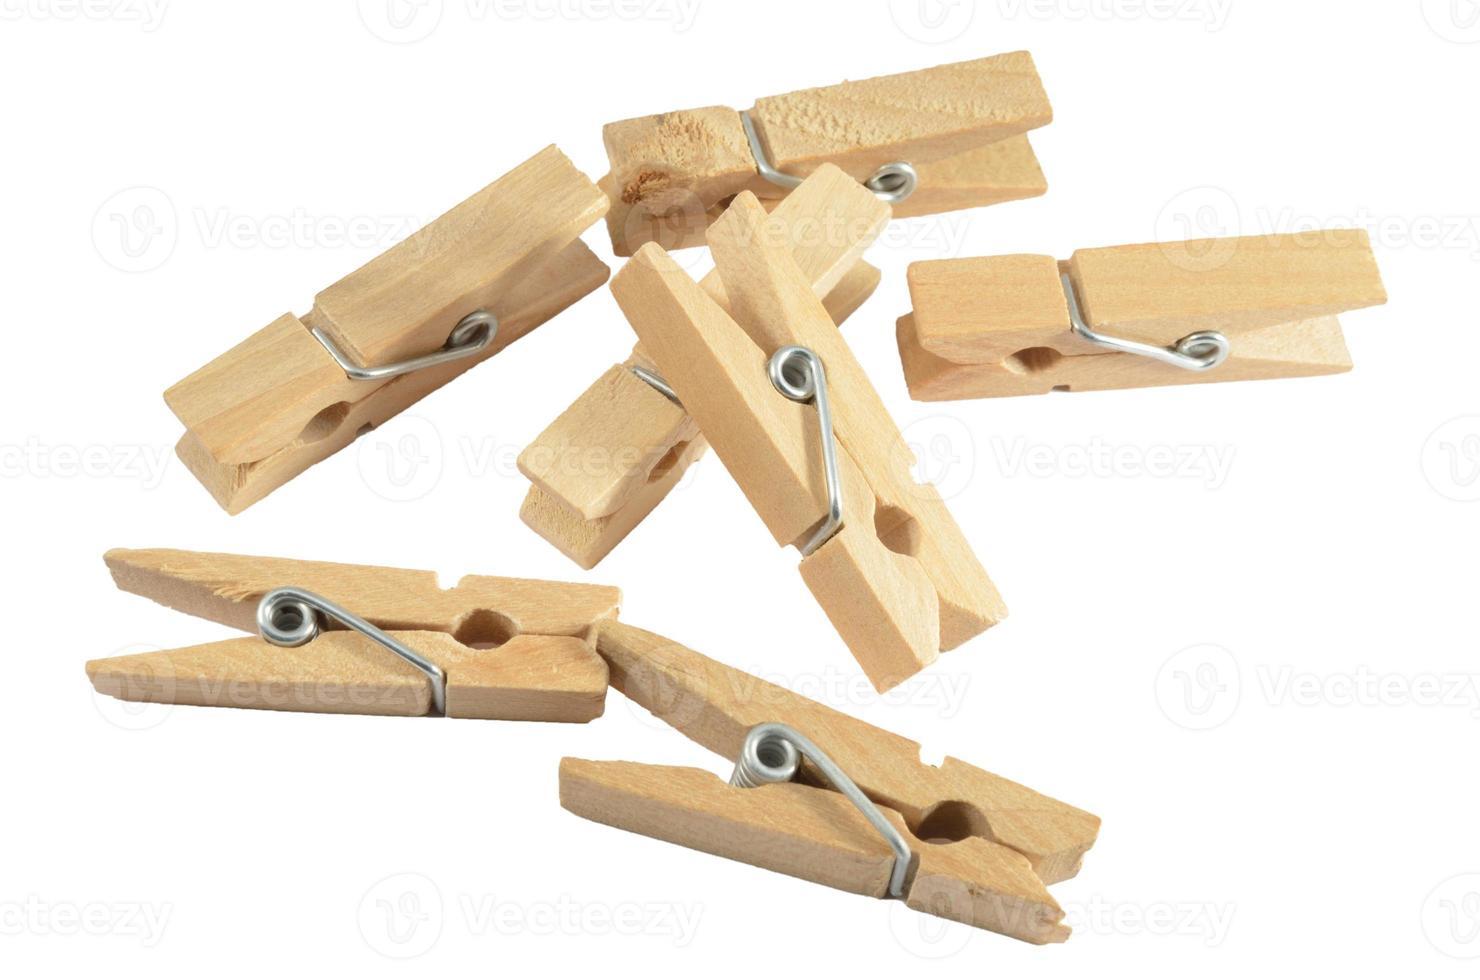 mollette di legno foto